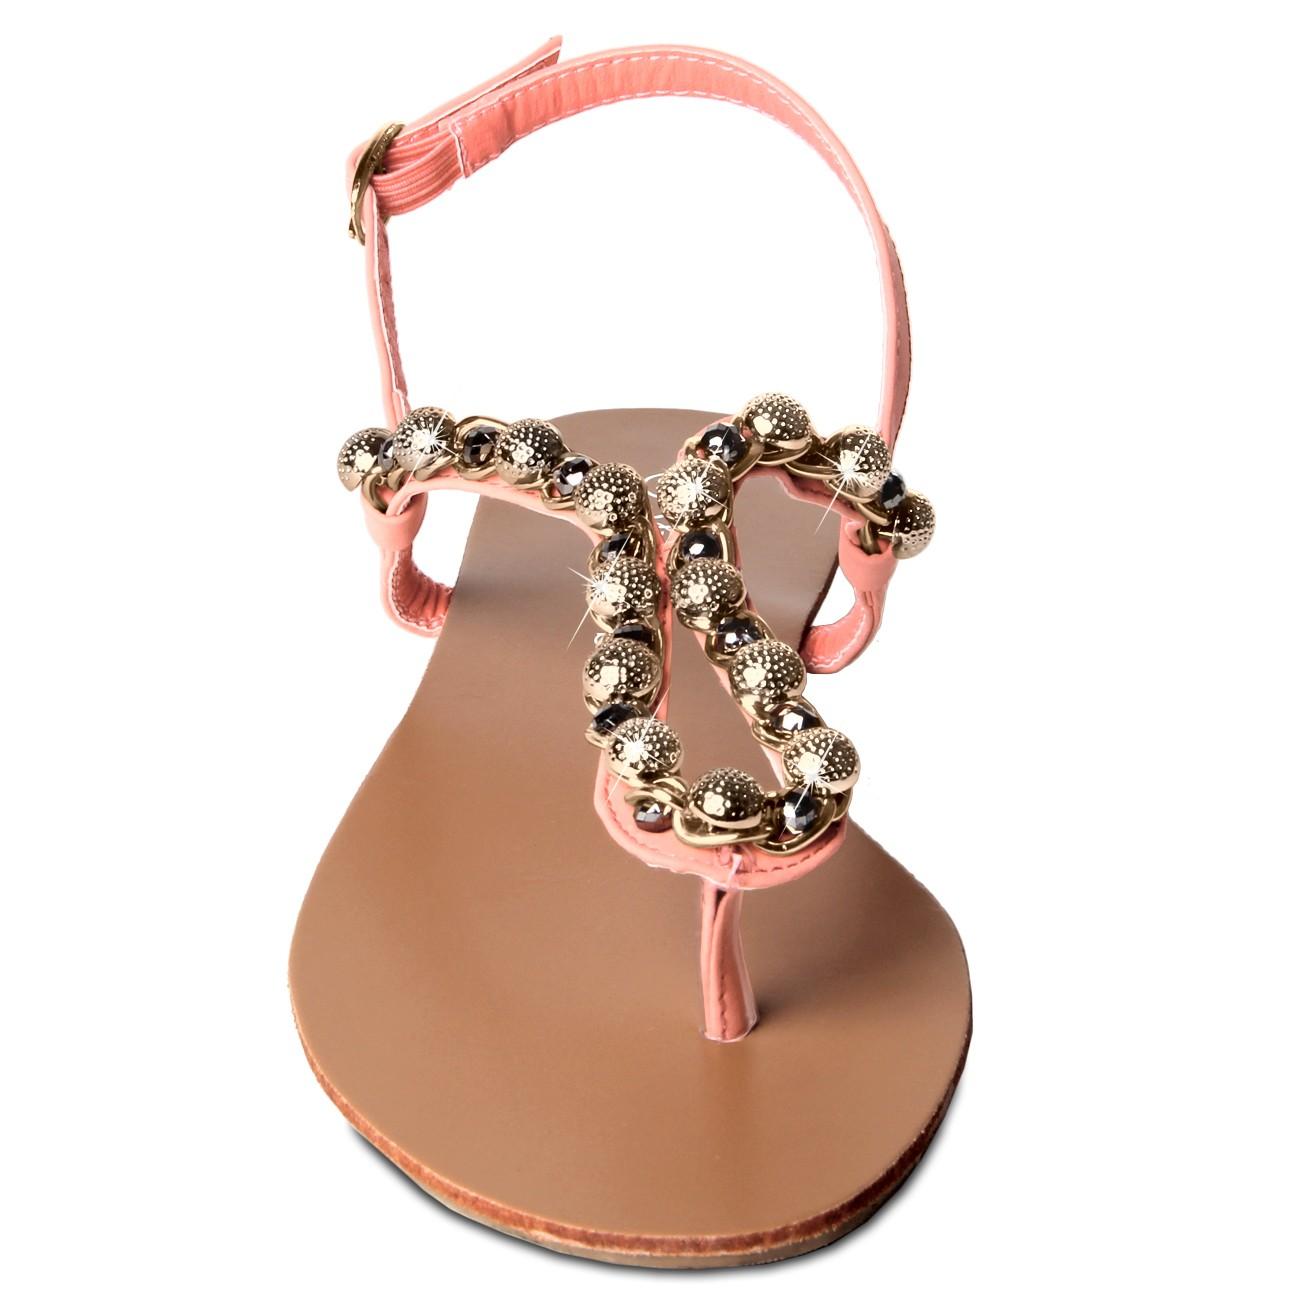 caspar damen sandaletten sandalen zehentrenner mit funkelnden steinen und goldkette viele. Black Bedroom Furniture Sets. Home Design Ideas